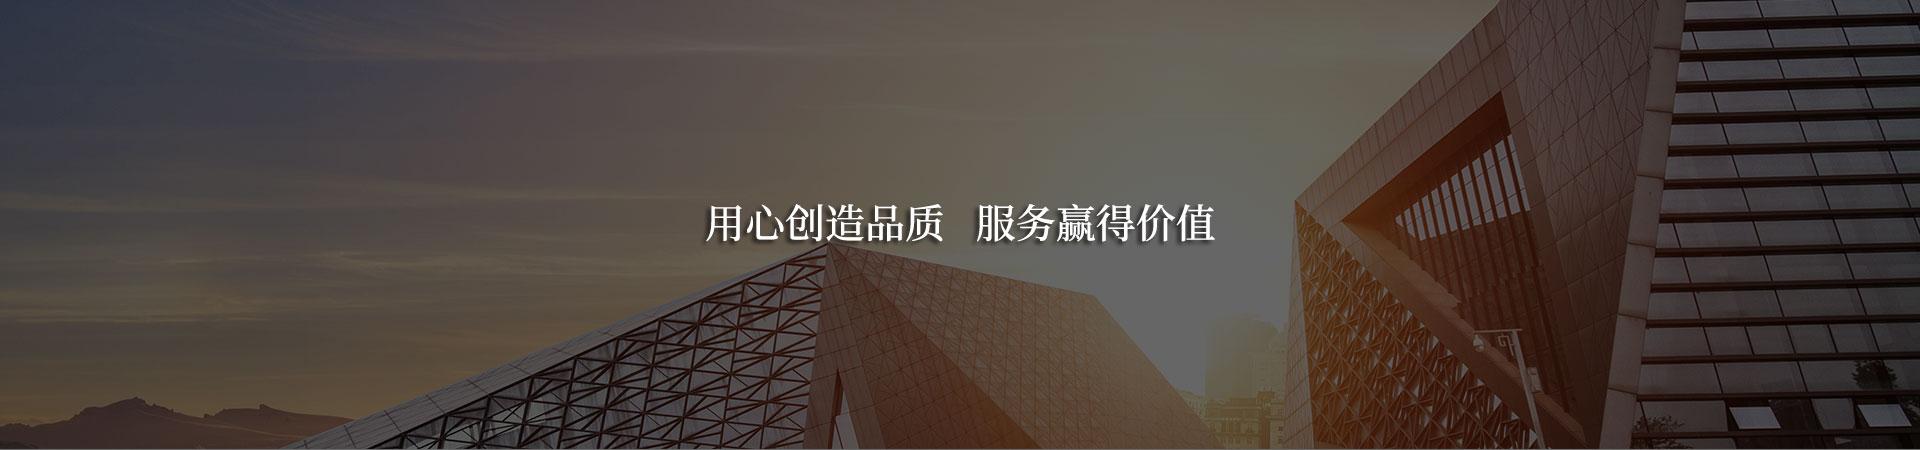 http://www.xjly.net.cn/data/upload/202101/20210127134726_989.jpg